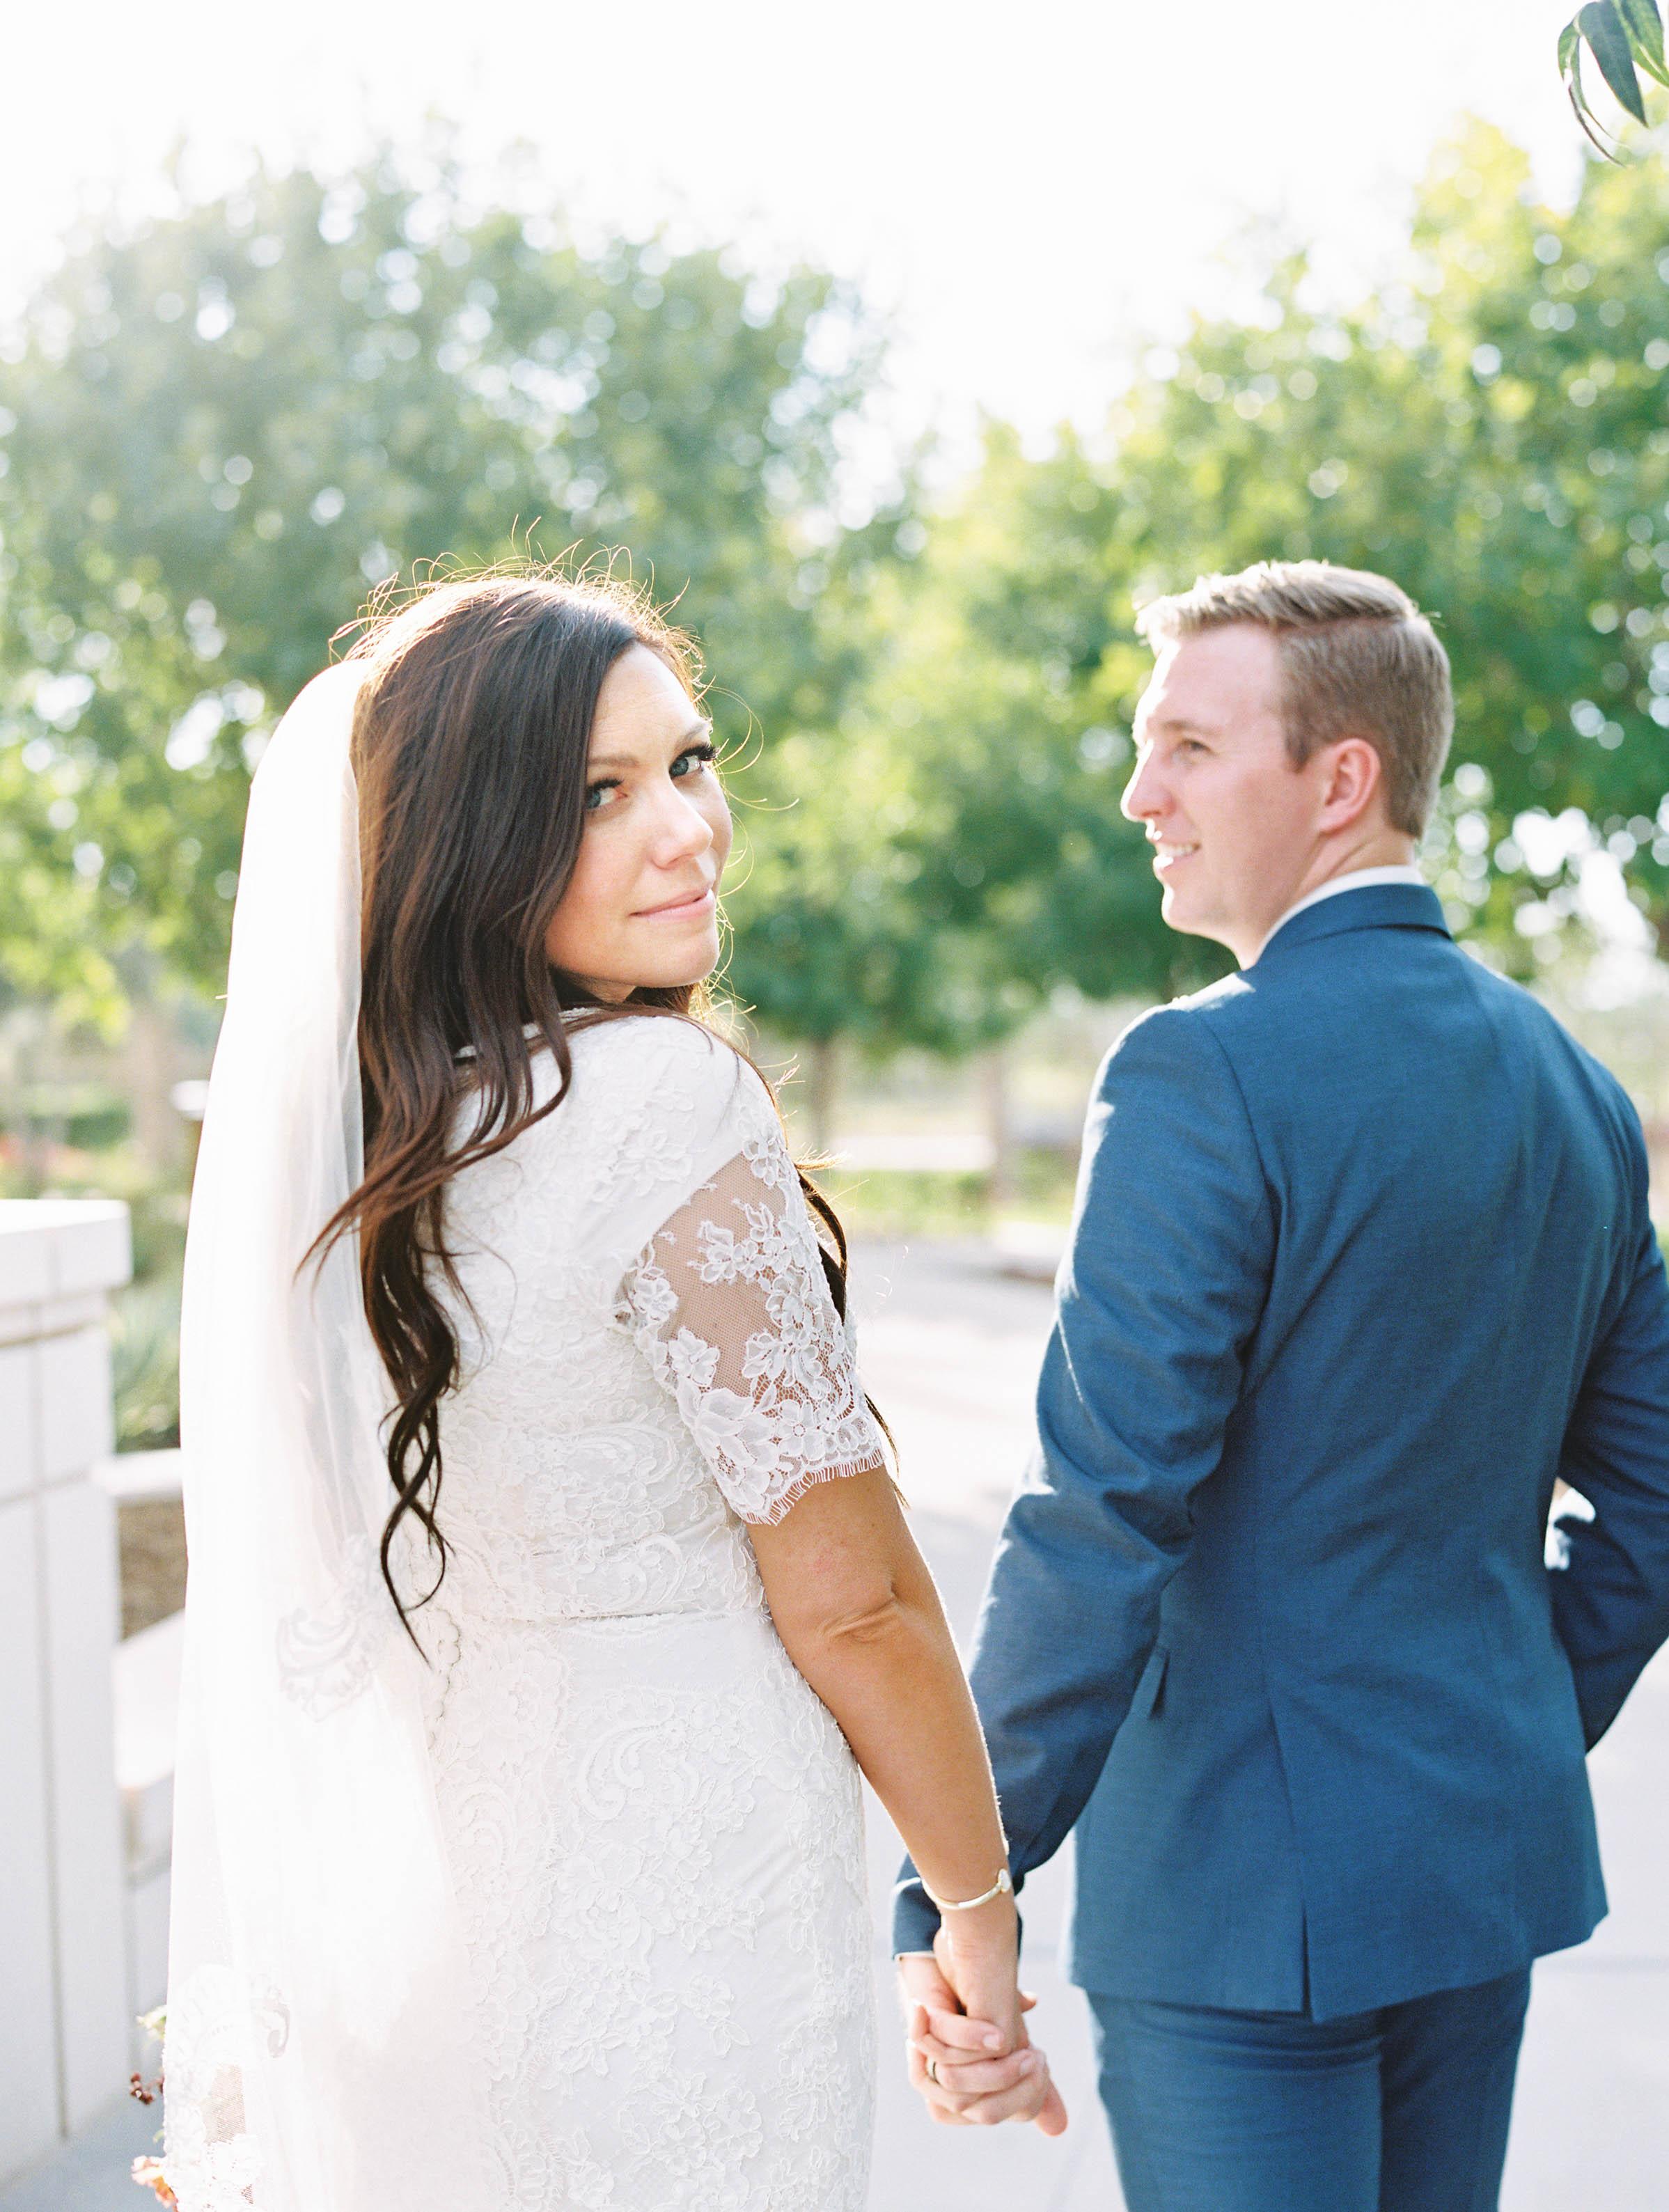 kelsandmichael_weddingphotography_coffey-149.jpg